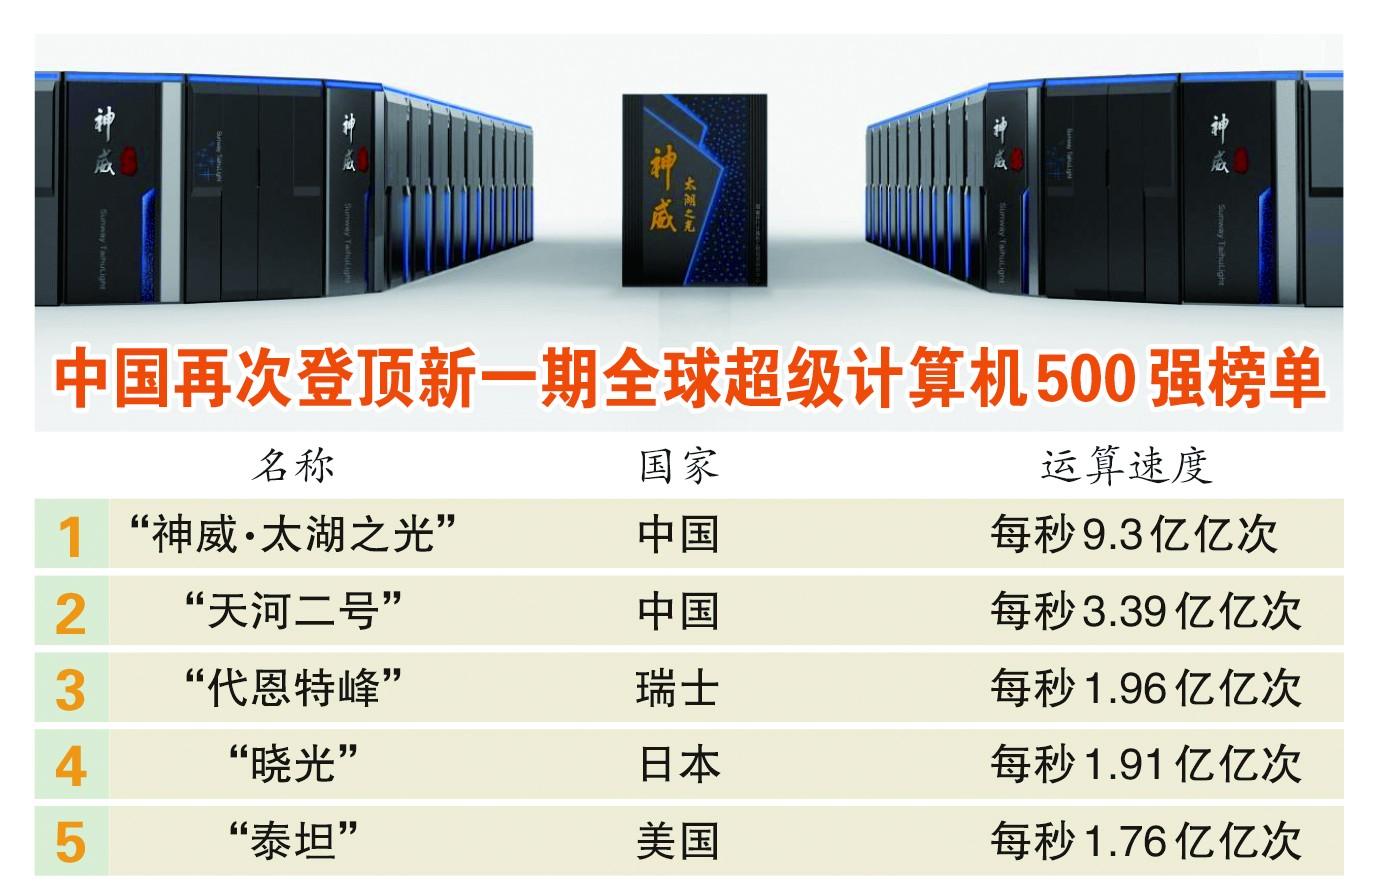 中国再次高居全球超算冠亚军 压倒性占领榜单